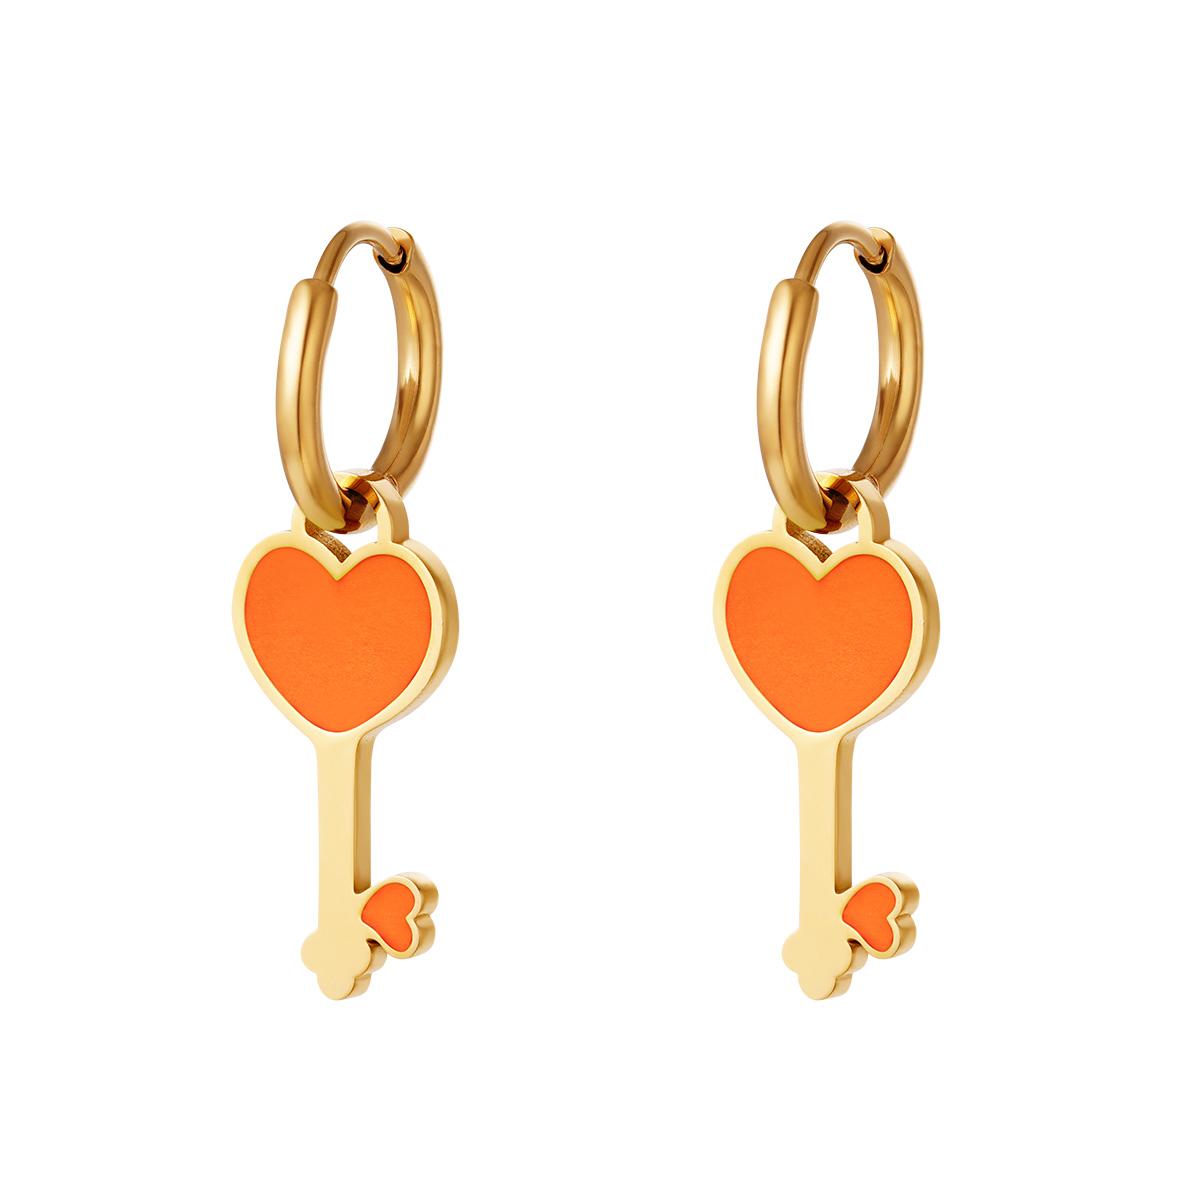 RVS Oorbel Colorful Heartkey gouden oorbellen met oranje hartje fashion sieraden kopen bestellen